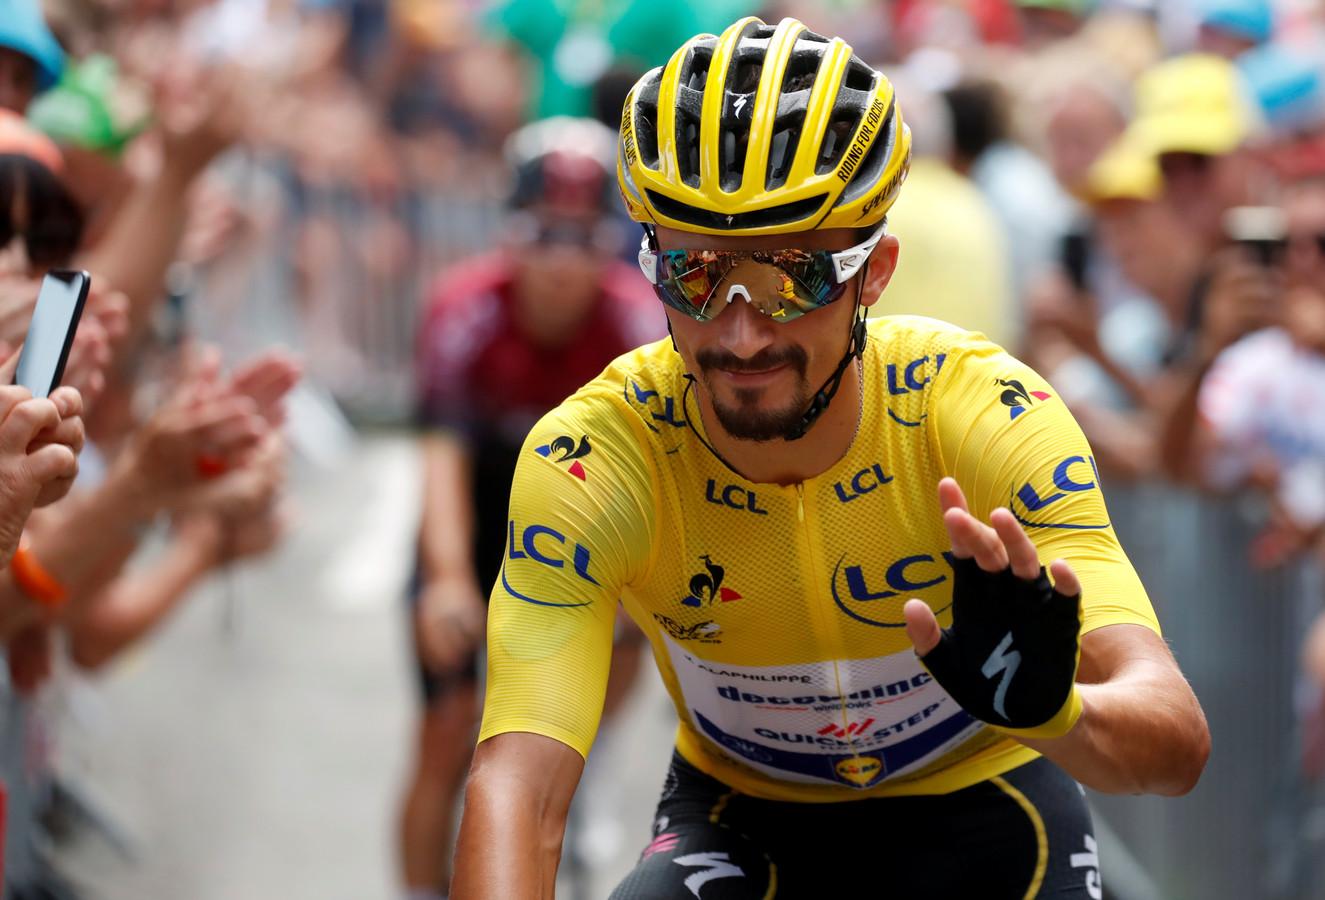 Julian Alaphilippe in de gele trui tijdens de afgelopen Tour de France.